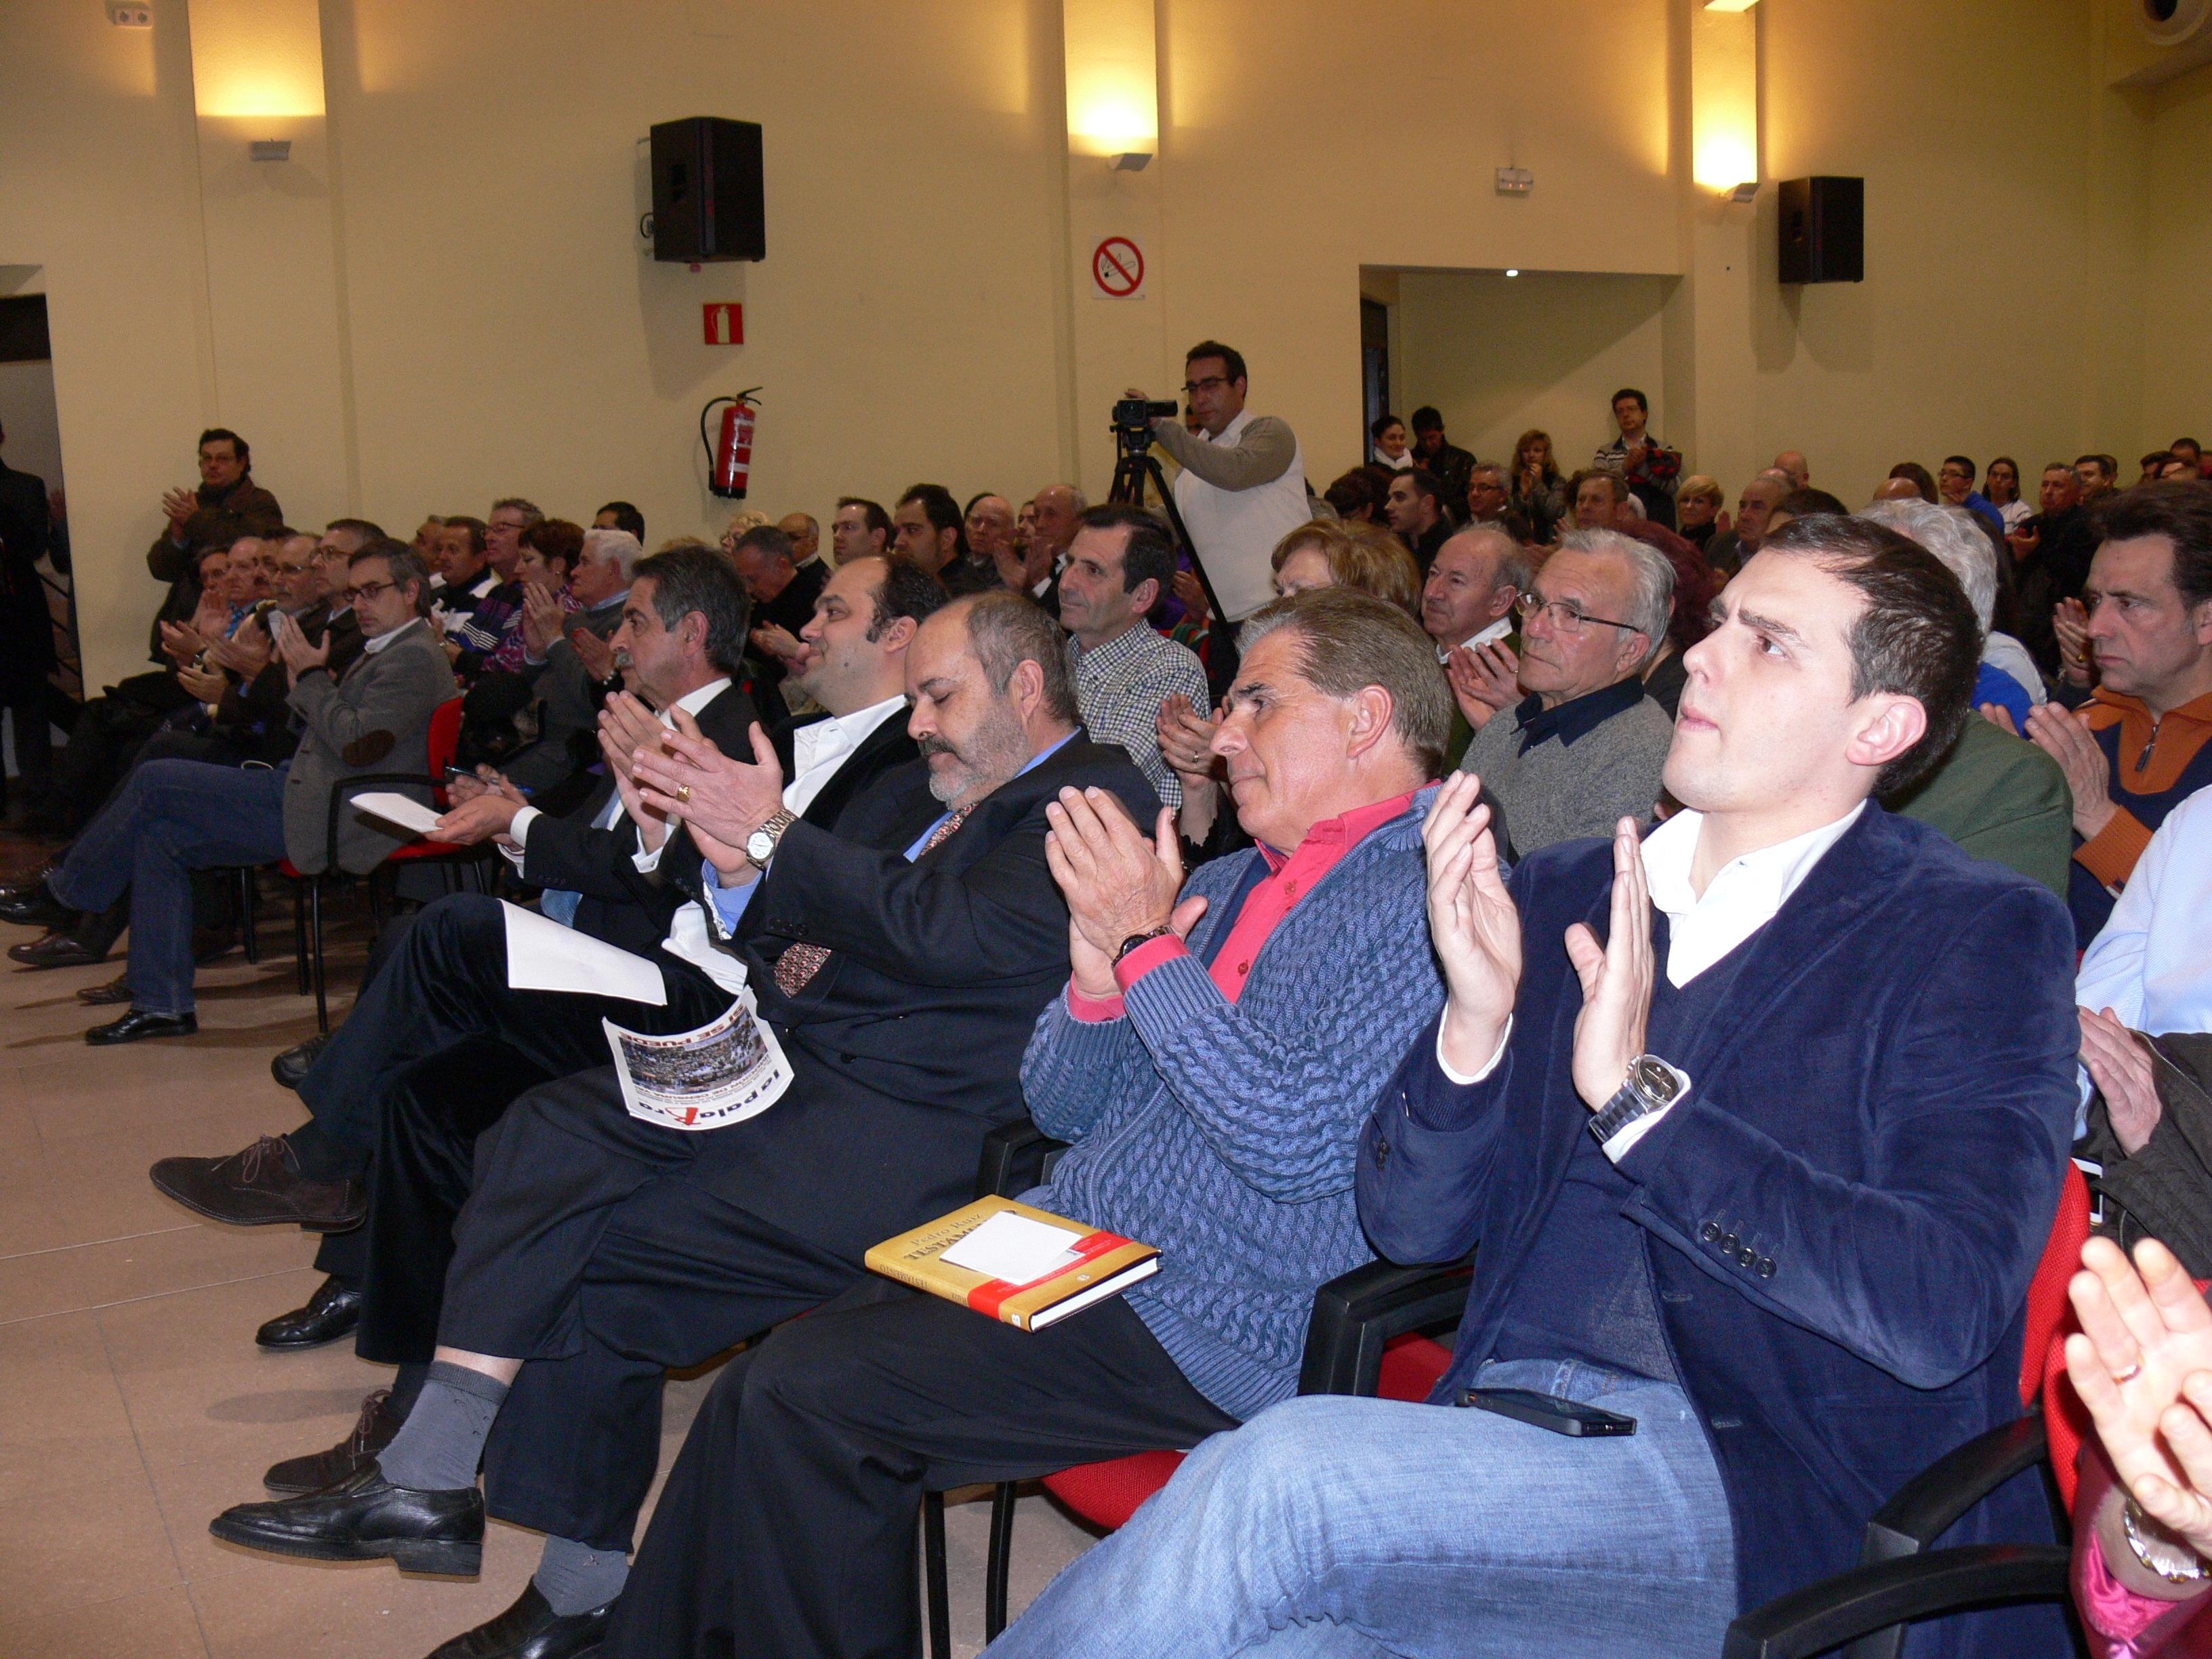 Los 5 premiados: Miguel Ángel Revilla, José Carlos Díez, Josman, Pedro Ruiz y Albert Rivera